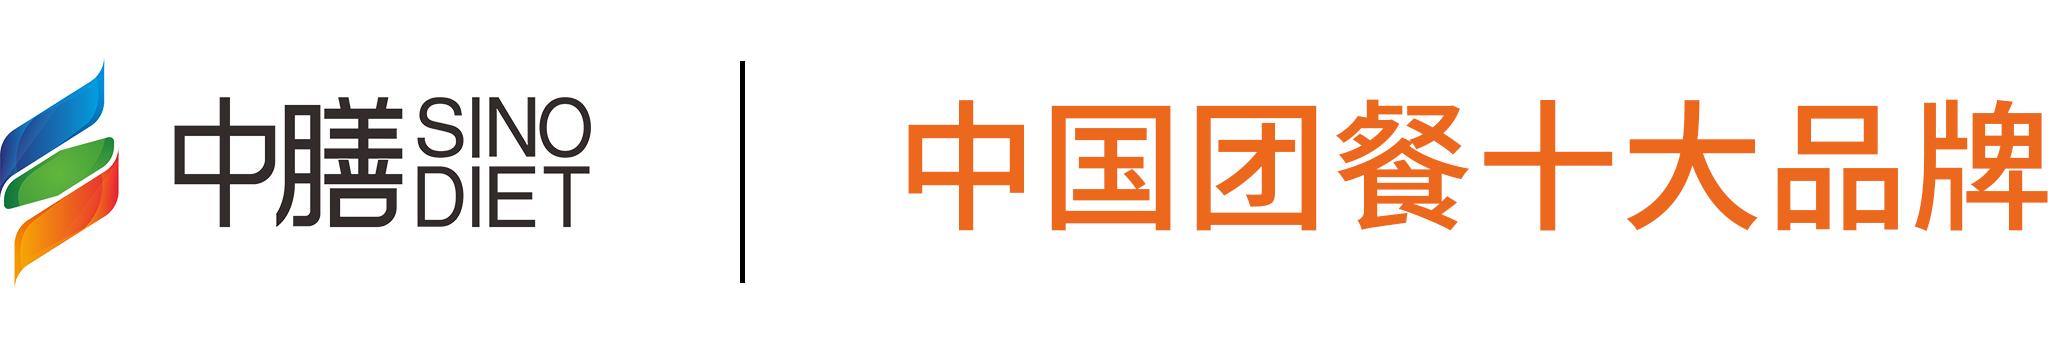 中膳集团-中国团餐十大品牌